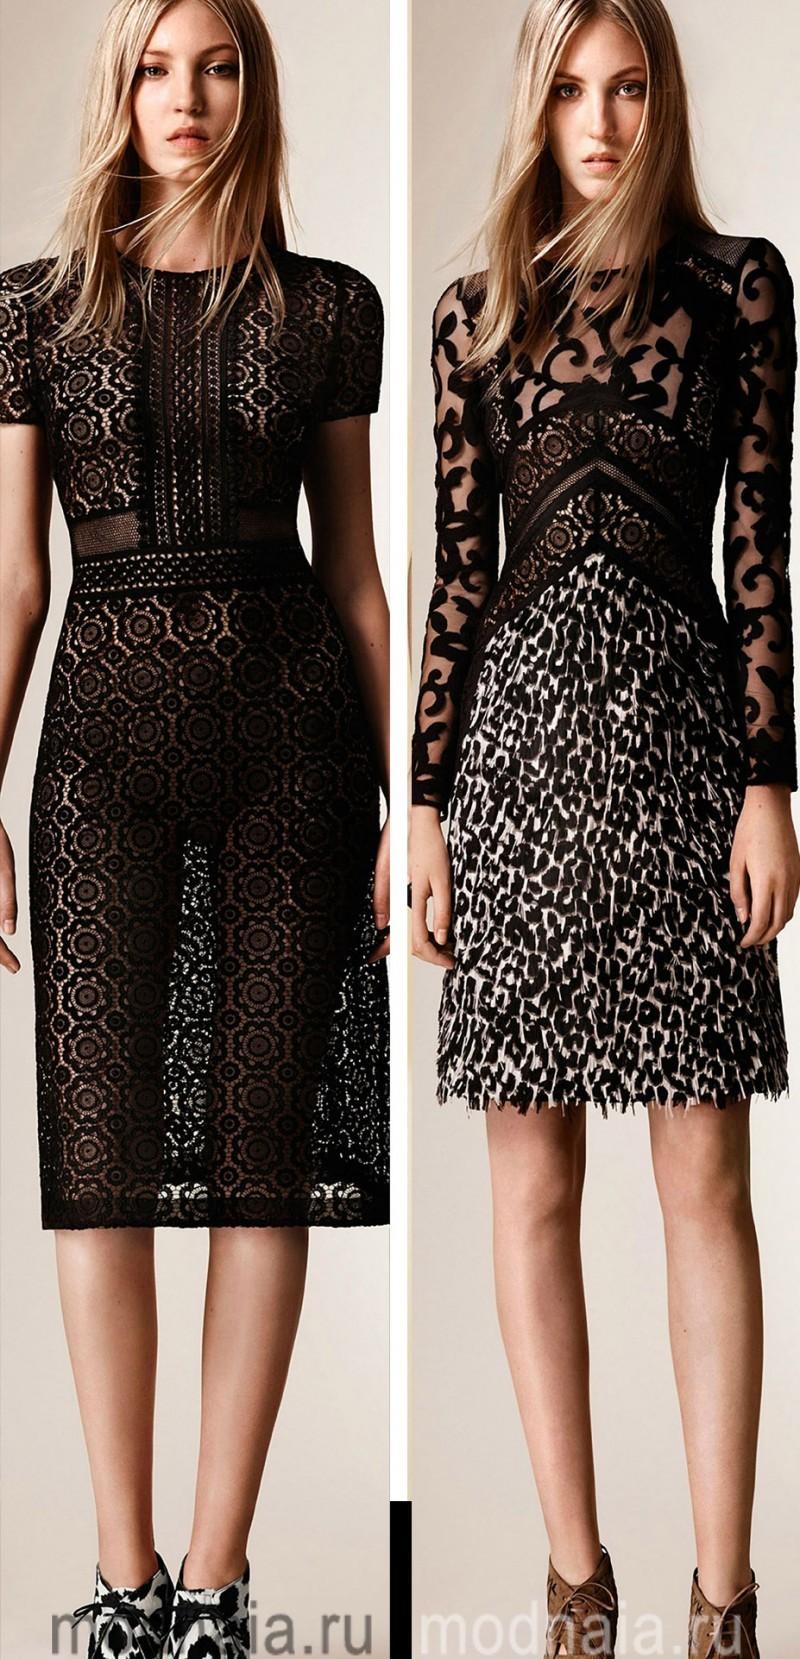 вечерние платья на Новый 2016 год